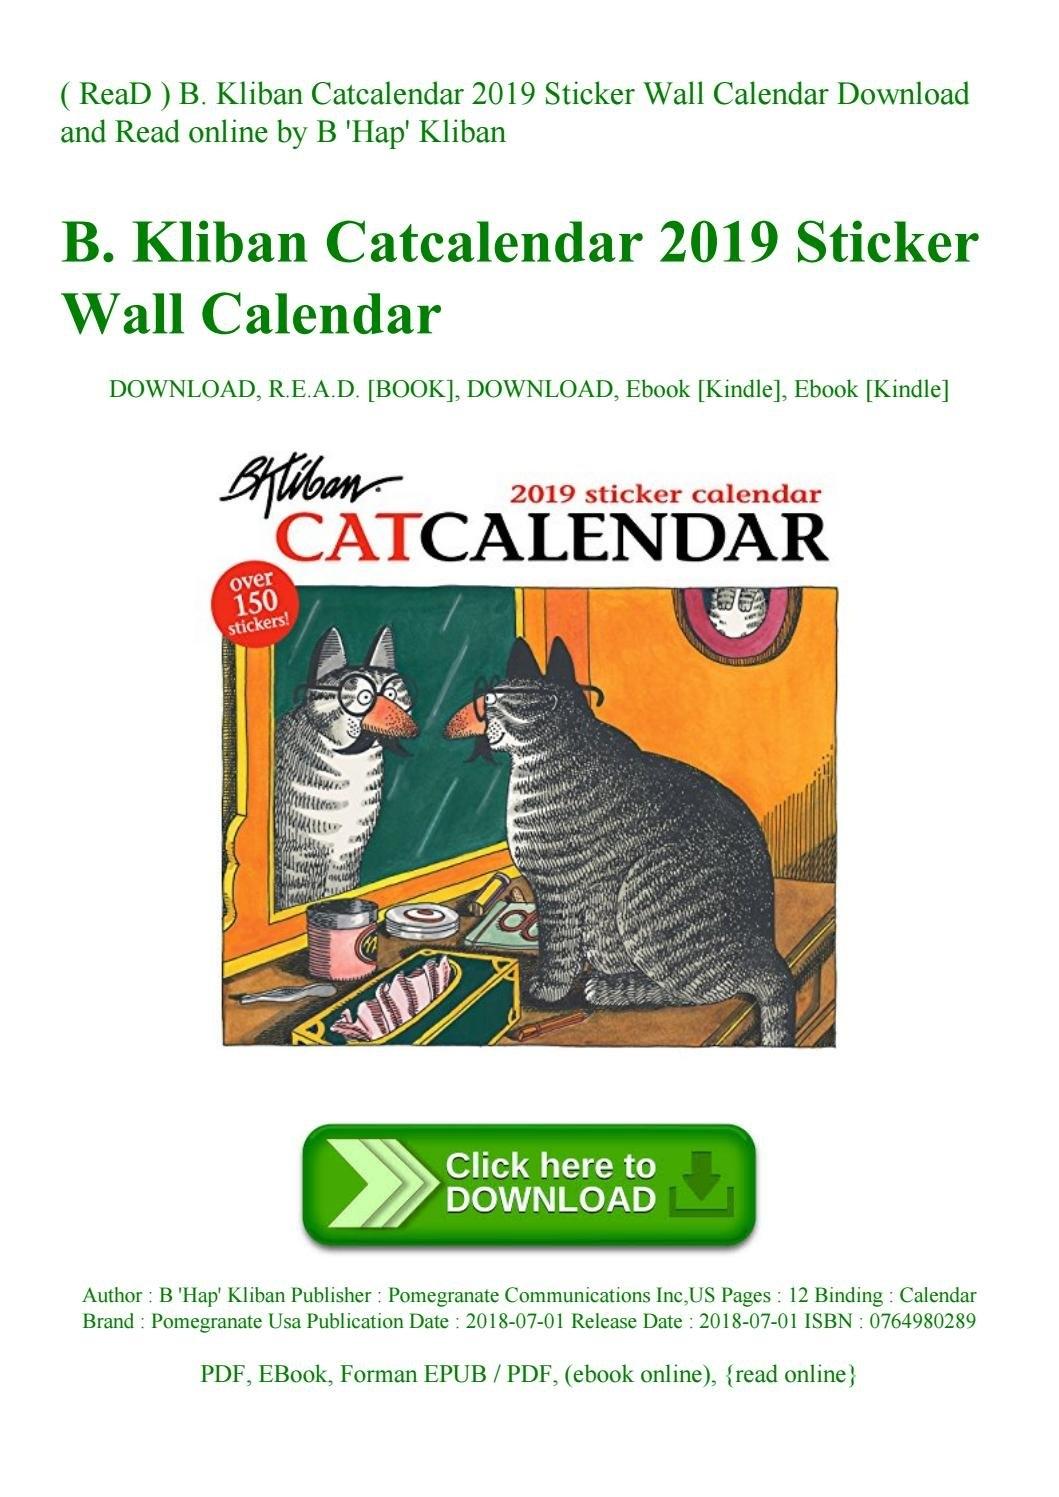 Read ) B. Kliban Catcalendar 2019 Sticker Wall Calendar Download And B Kliban Cat Calendar 2019